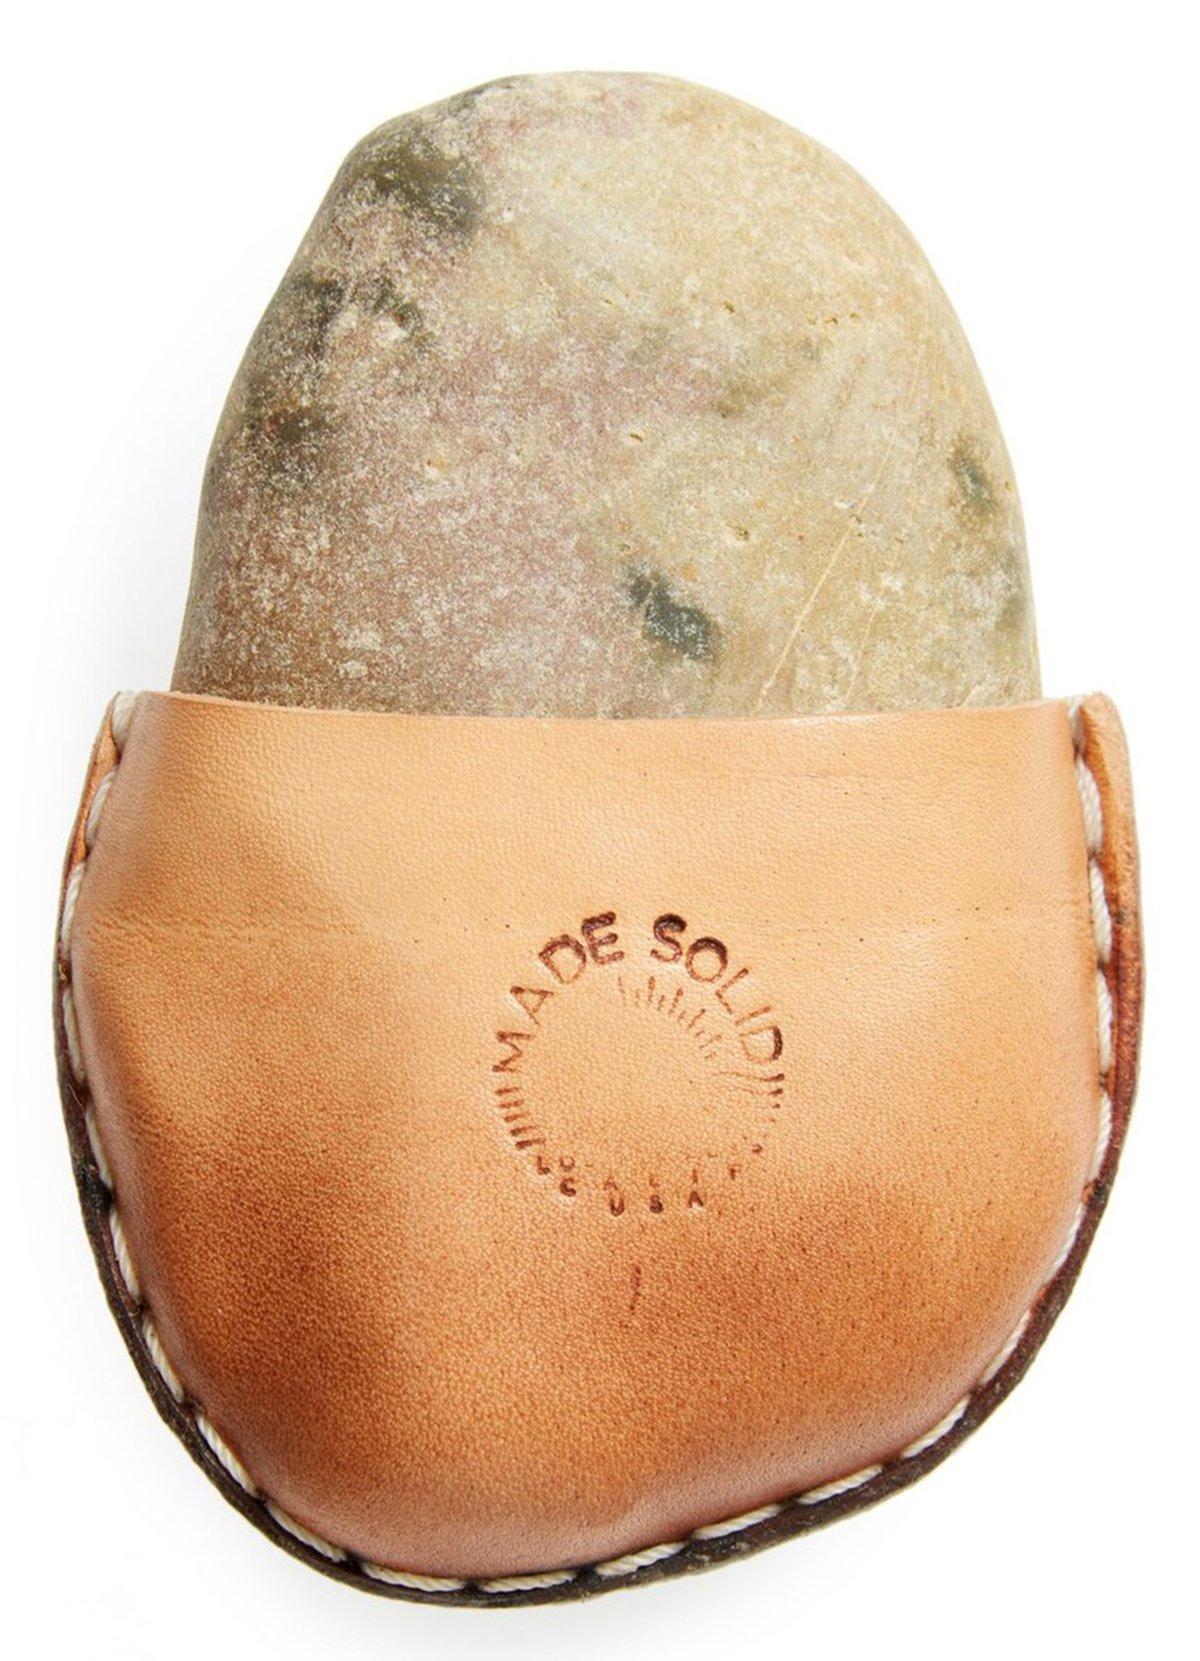 А камень в чехле за 100 долларов не желаете?